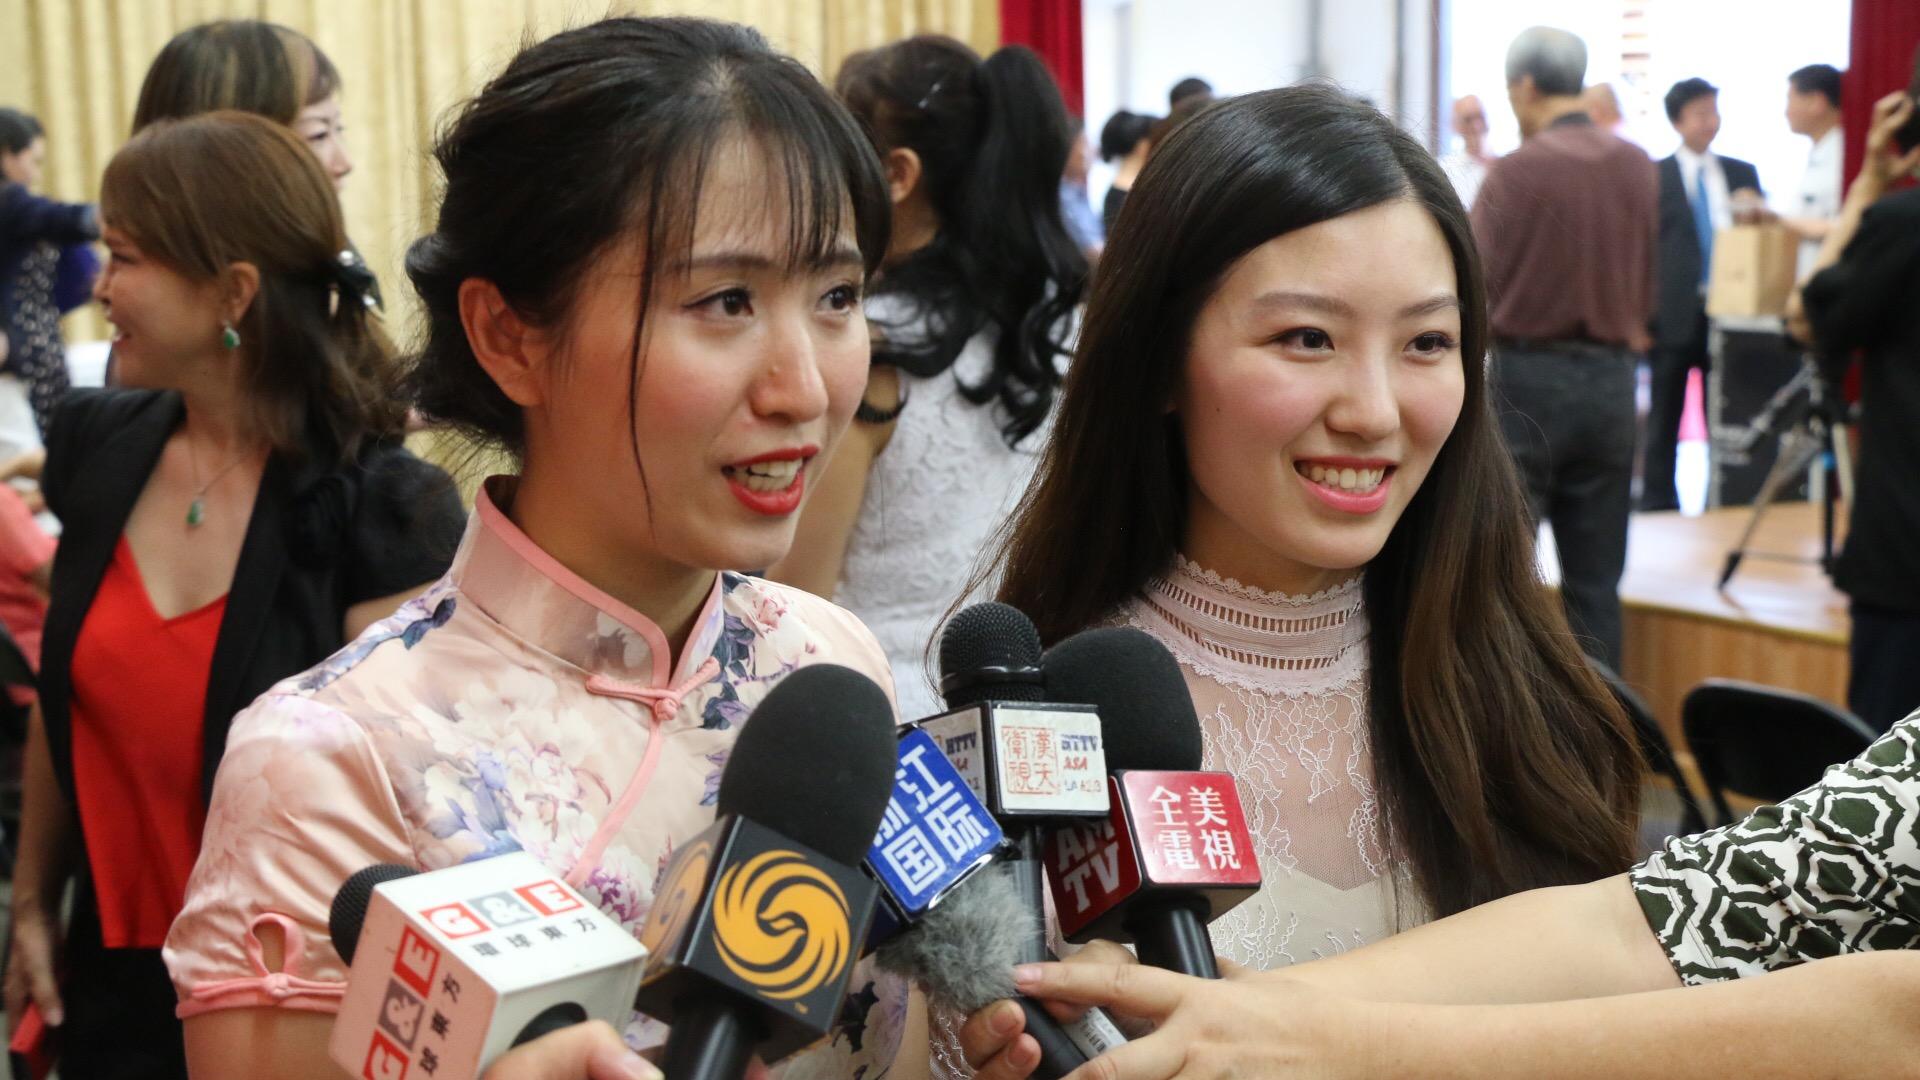 大赛组委会成员高鹤嘉和易嘉乐(左)